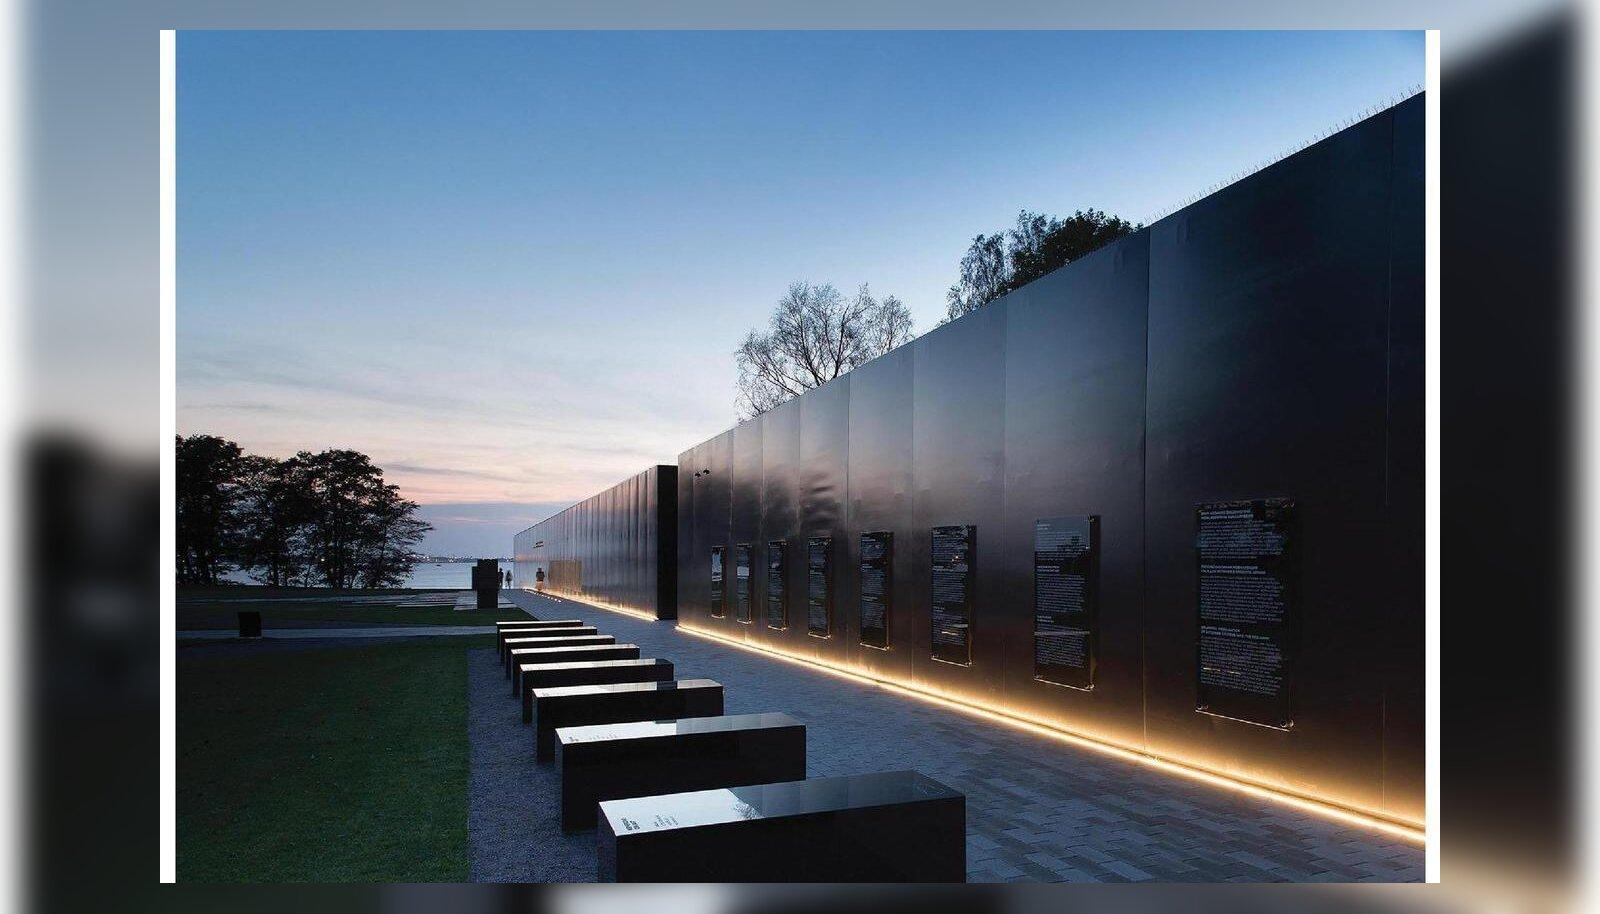 Selgusid Kultuurkapitali arhitektuuri sihtkapitali 2019. aasta preemiate nominendid